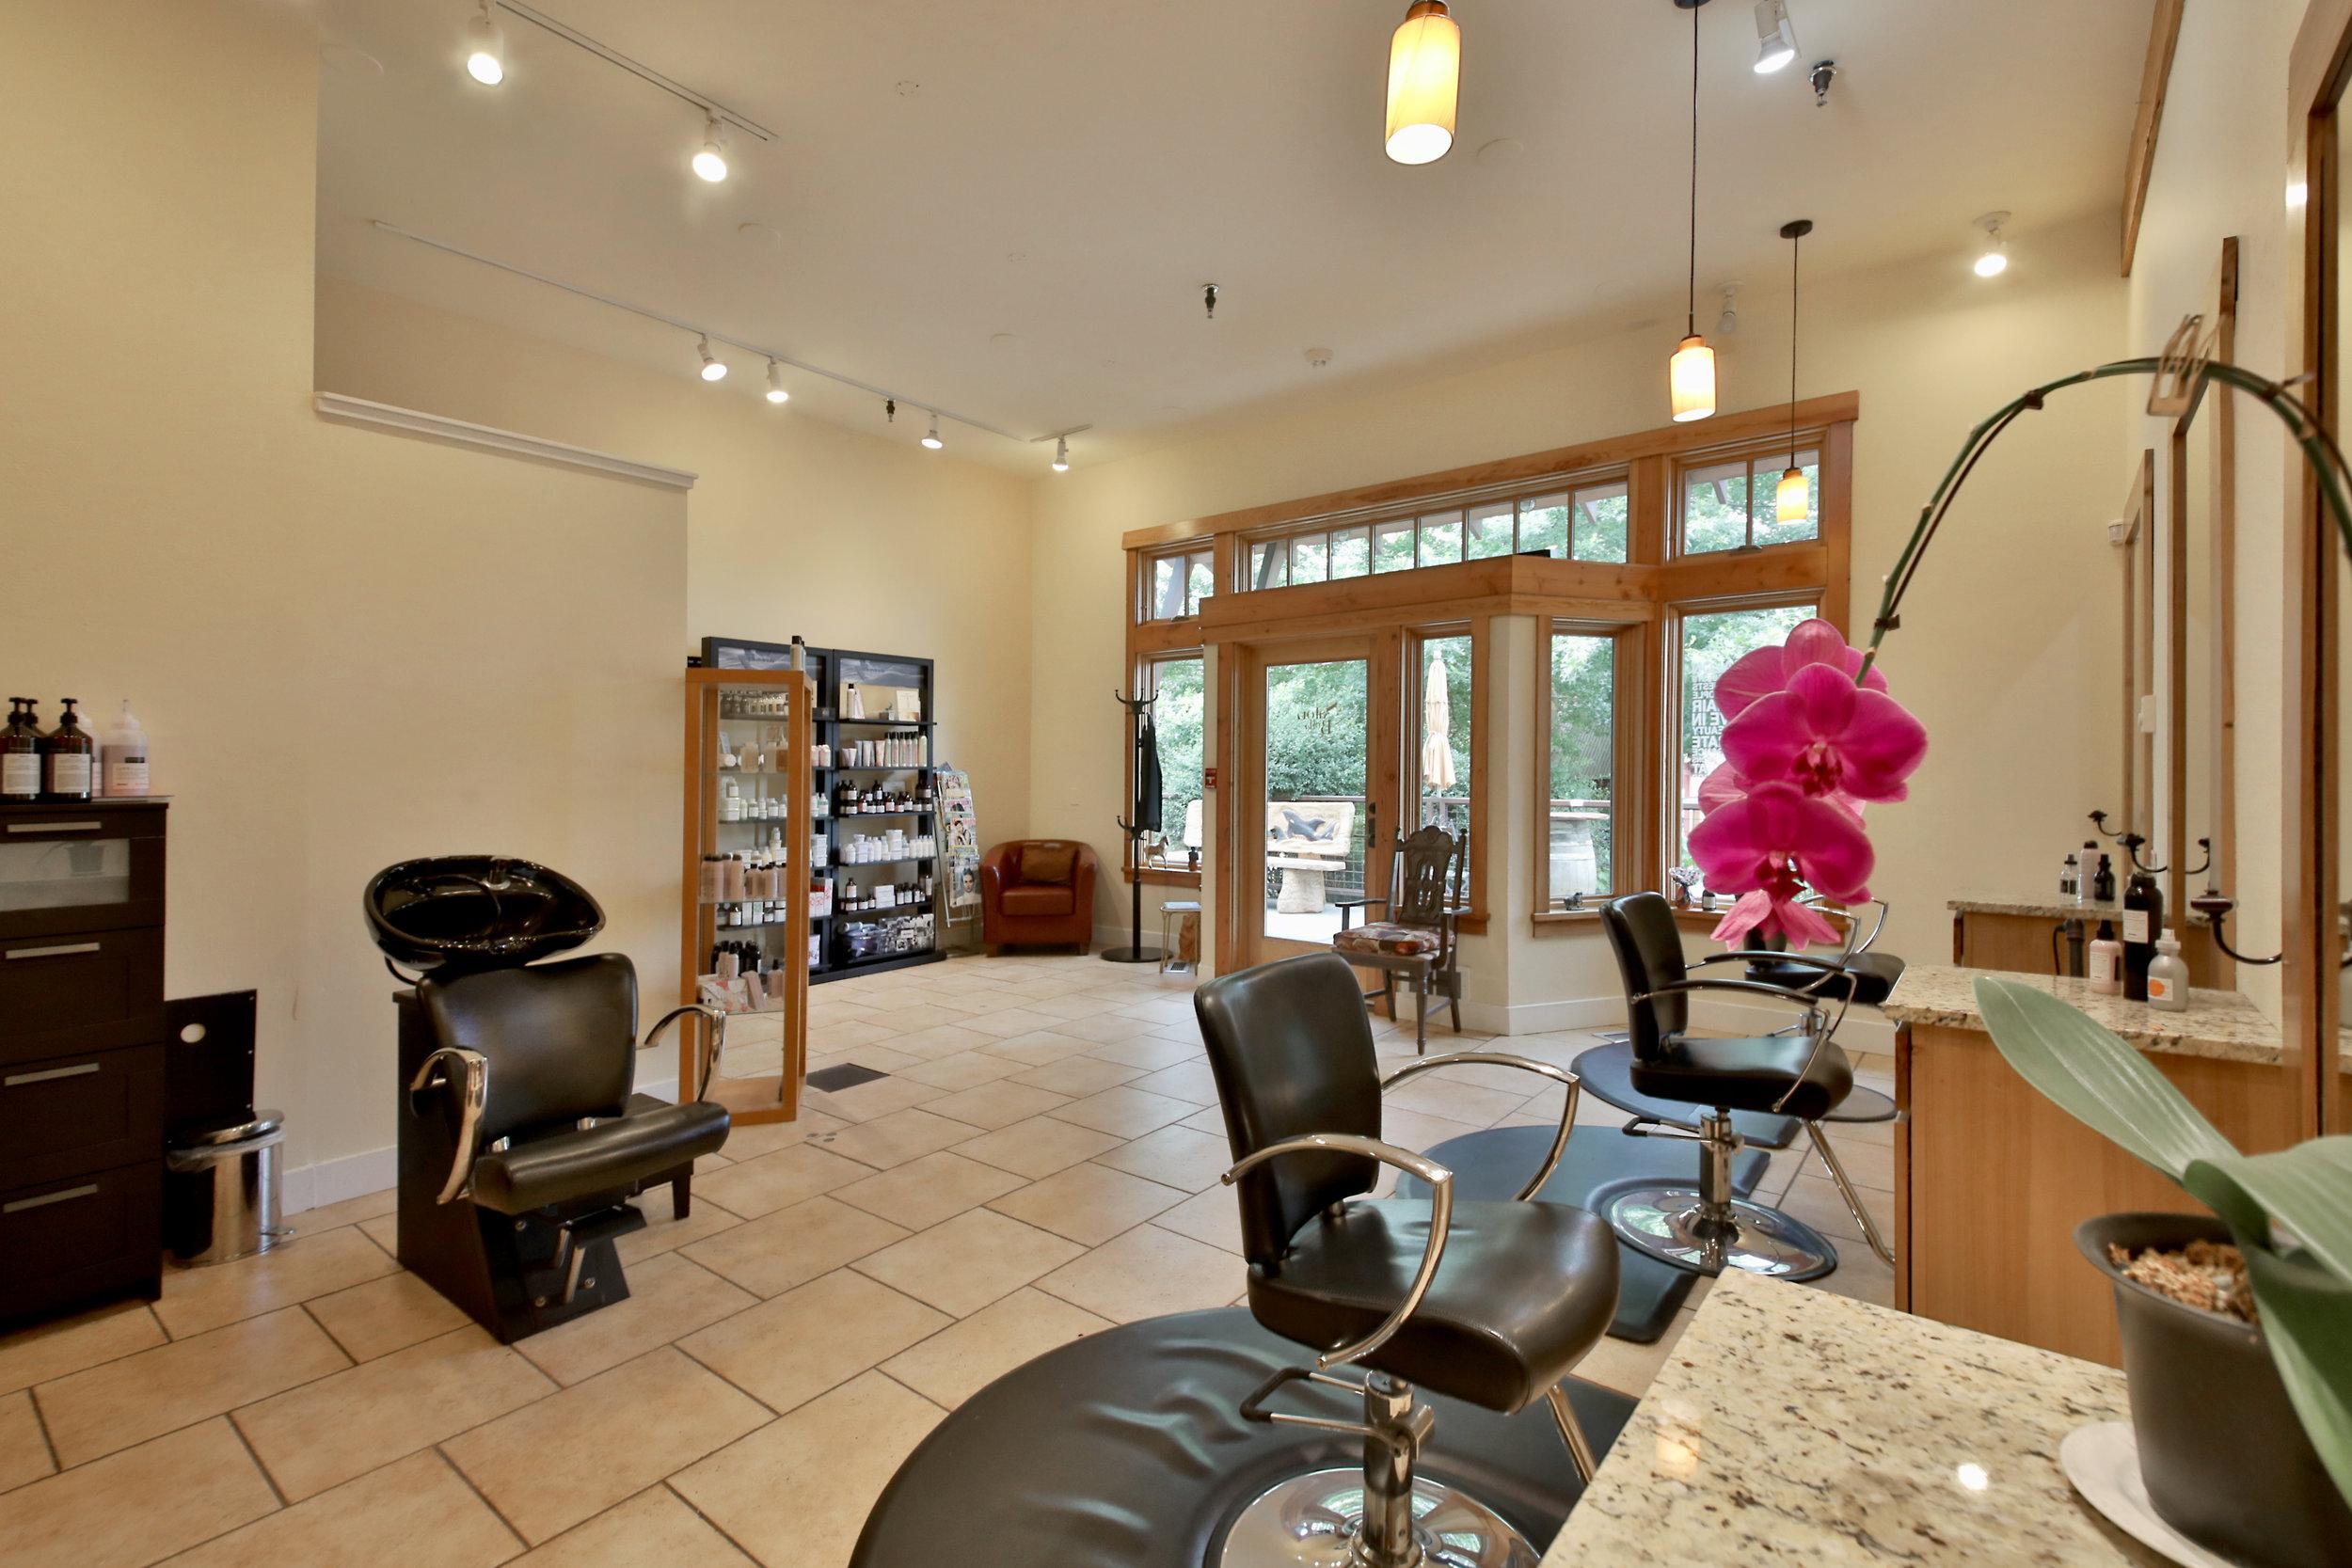 Salon Bella Interior